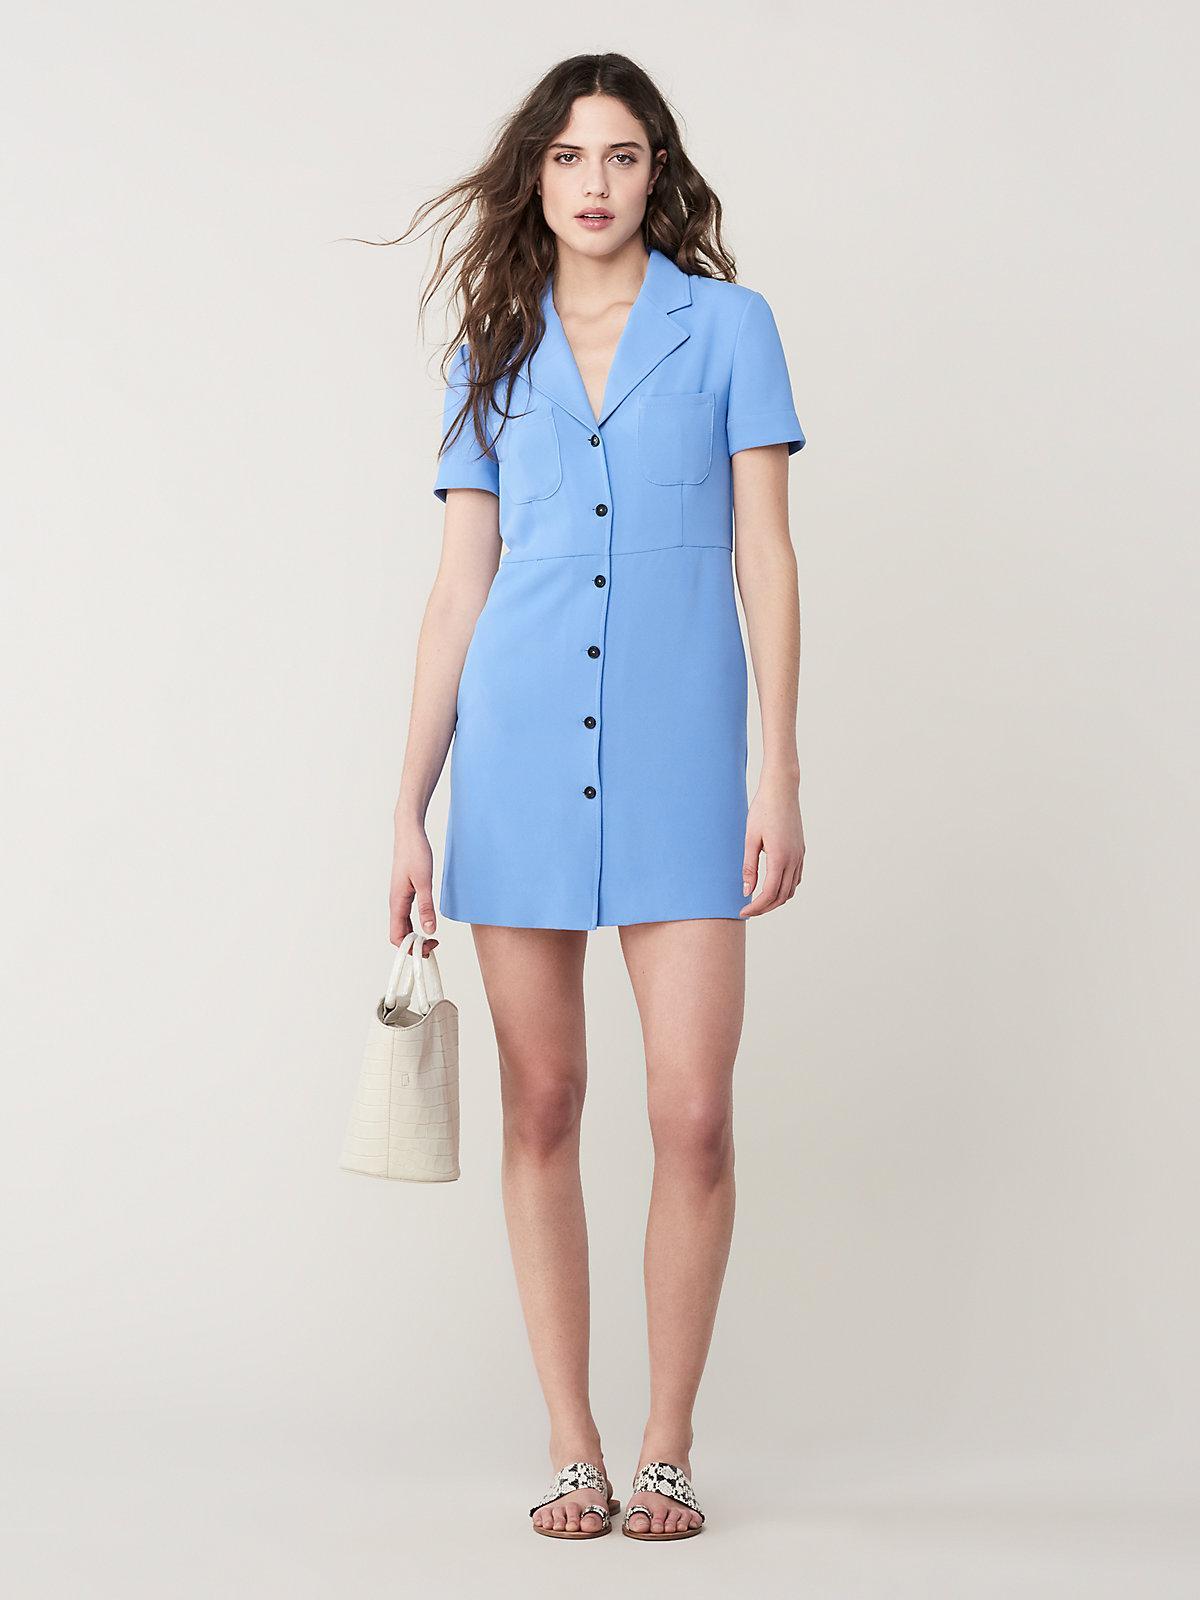 535f0dd896934 Lyst - Diane von Furstenberg Rowan Collared Mini Dress in Blue